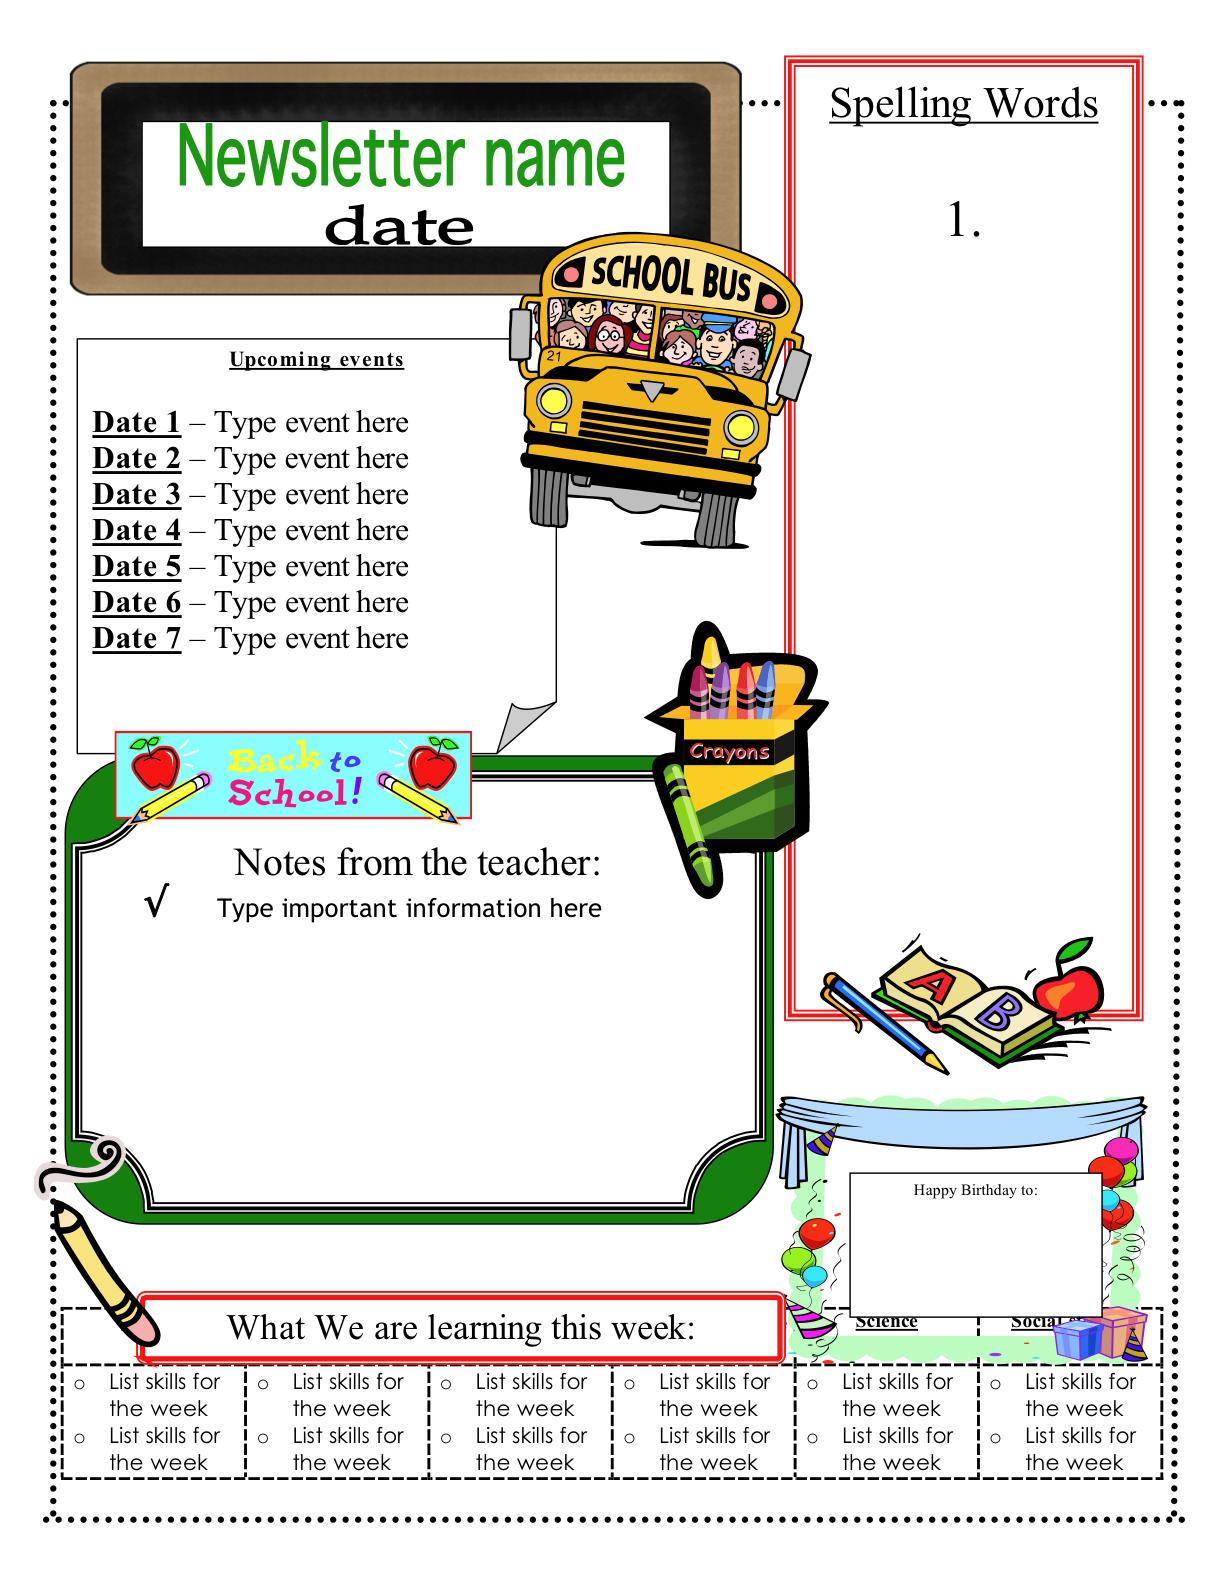 Free Birthday Homework Pass. Free Birthday Homework Pass | Homework - Free Printable Homework Pass Coupon